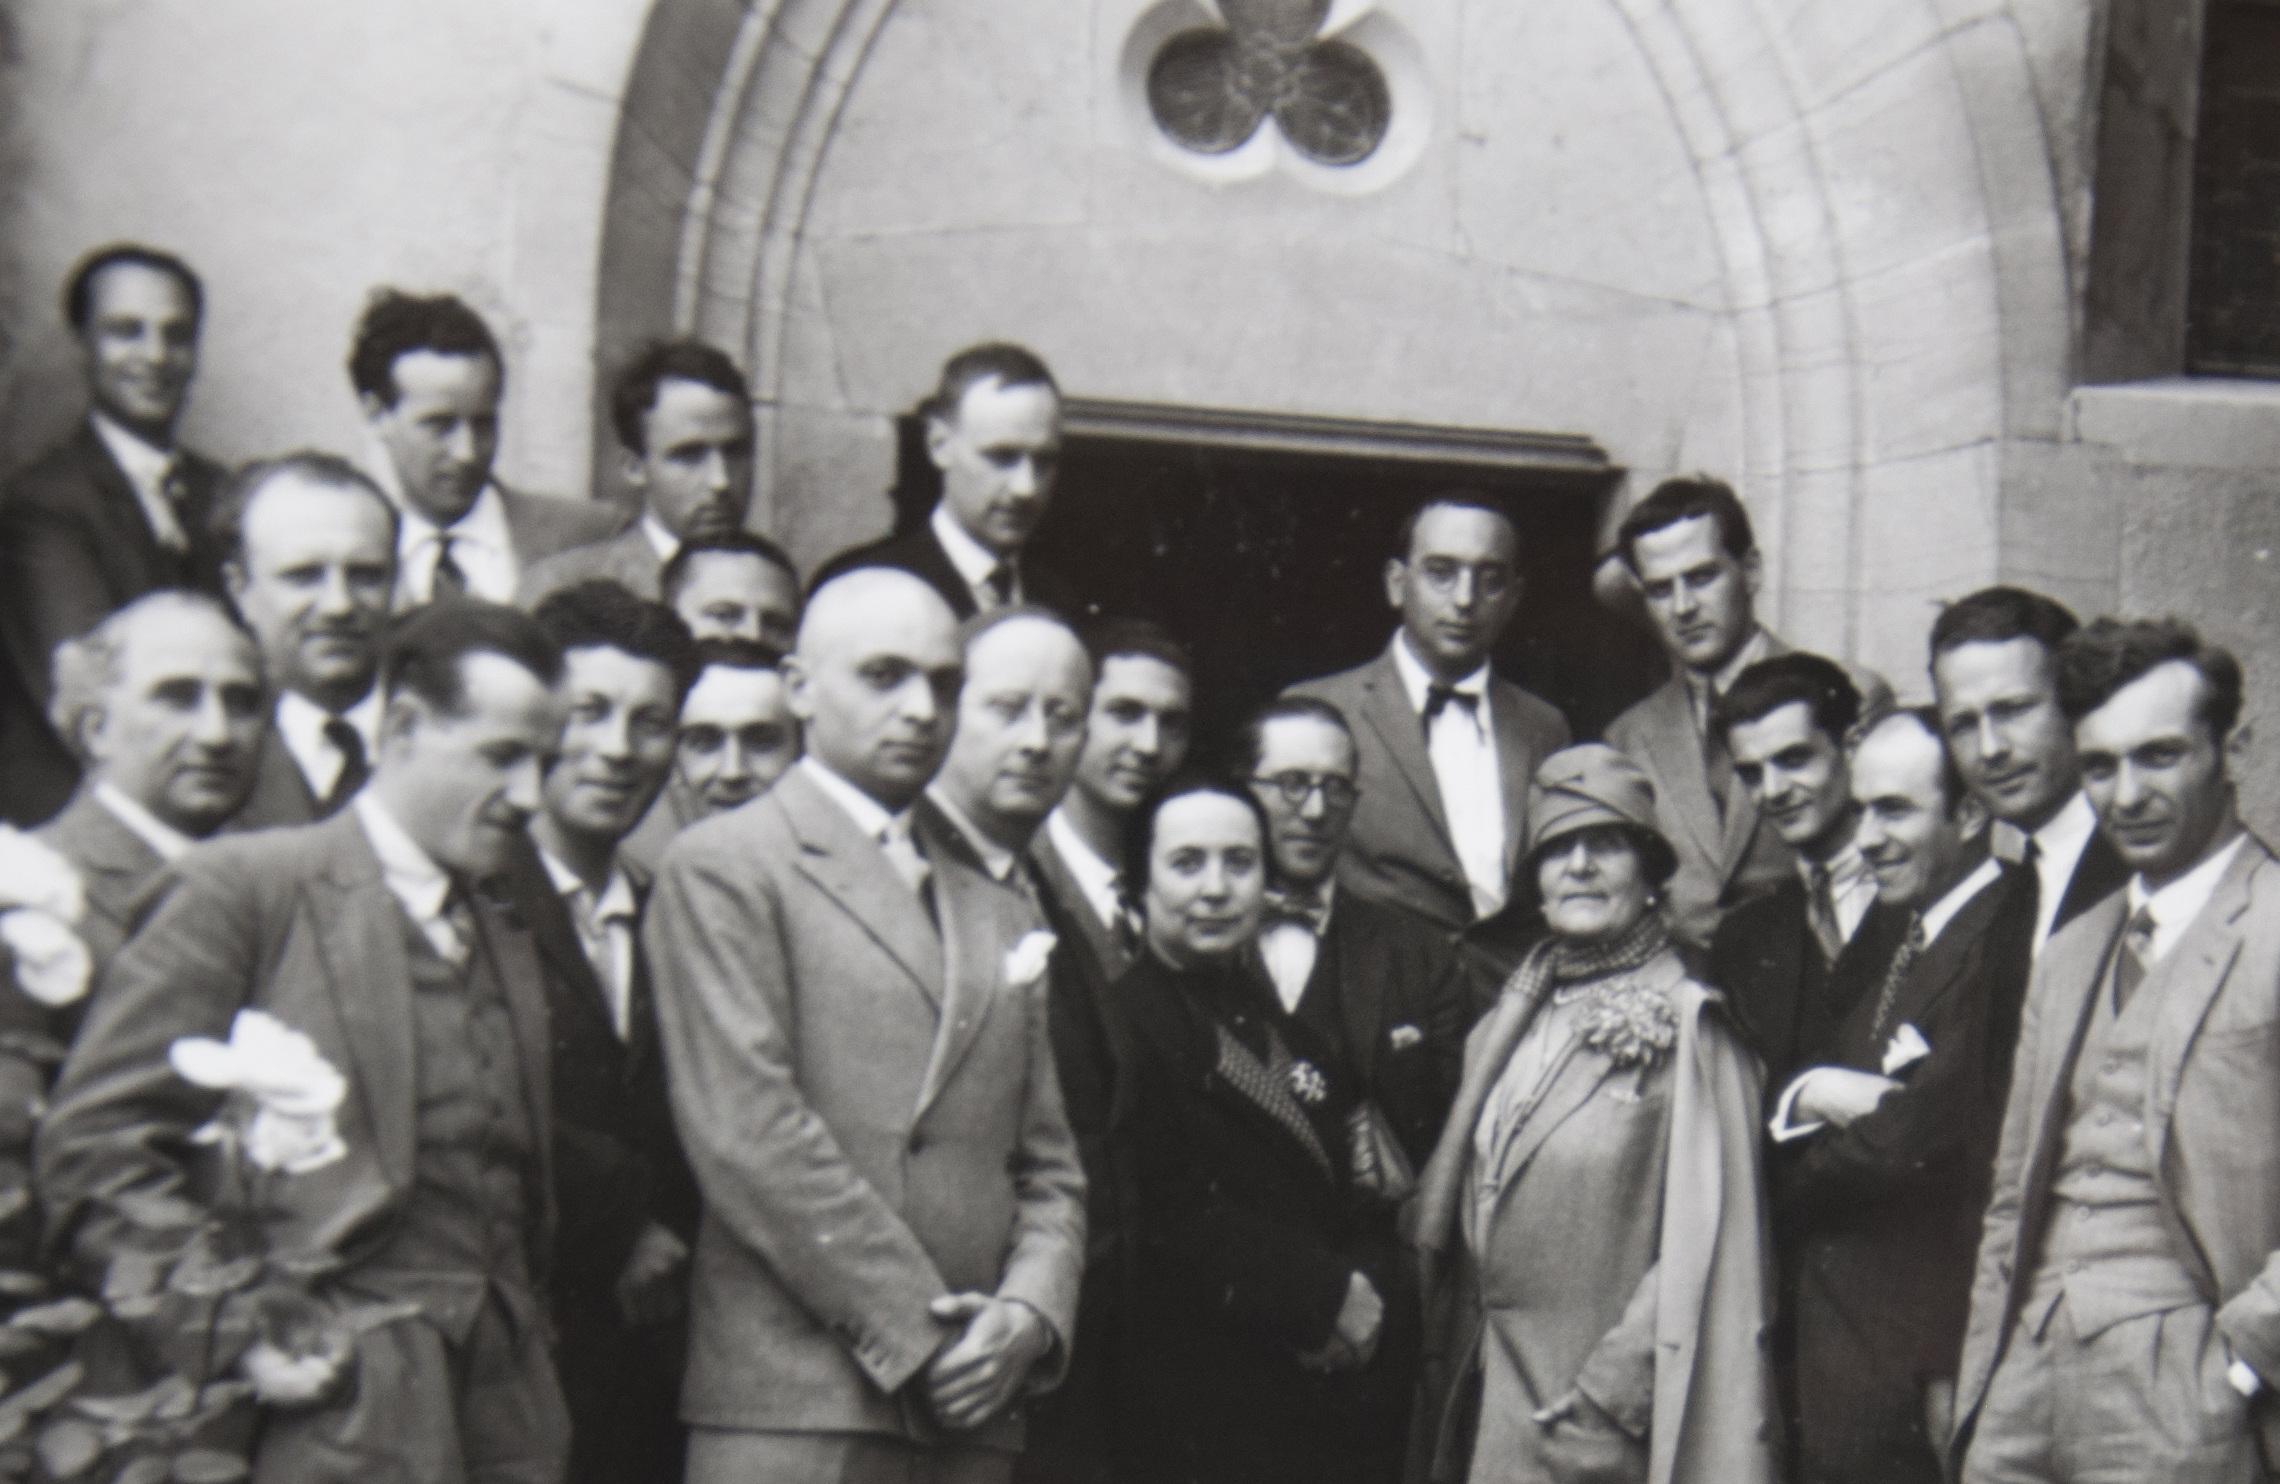 Mme de Mandrot, Le Corbusier